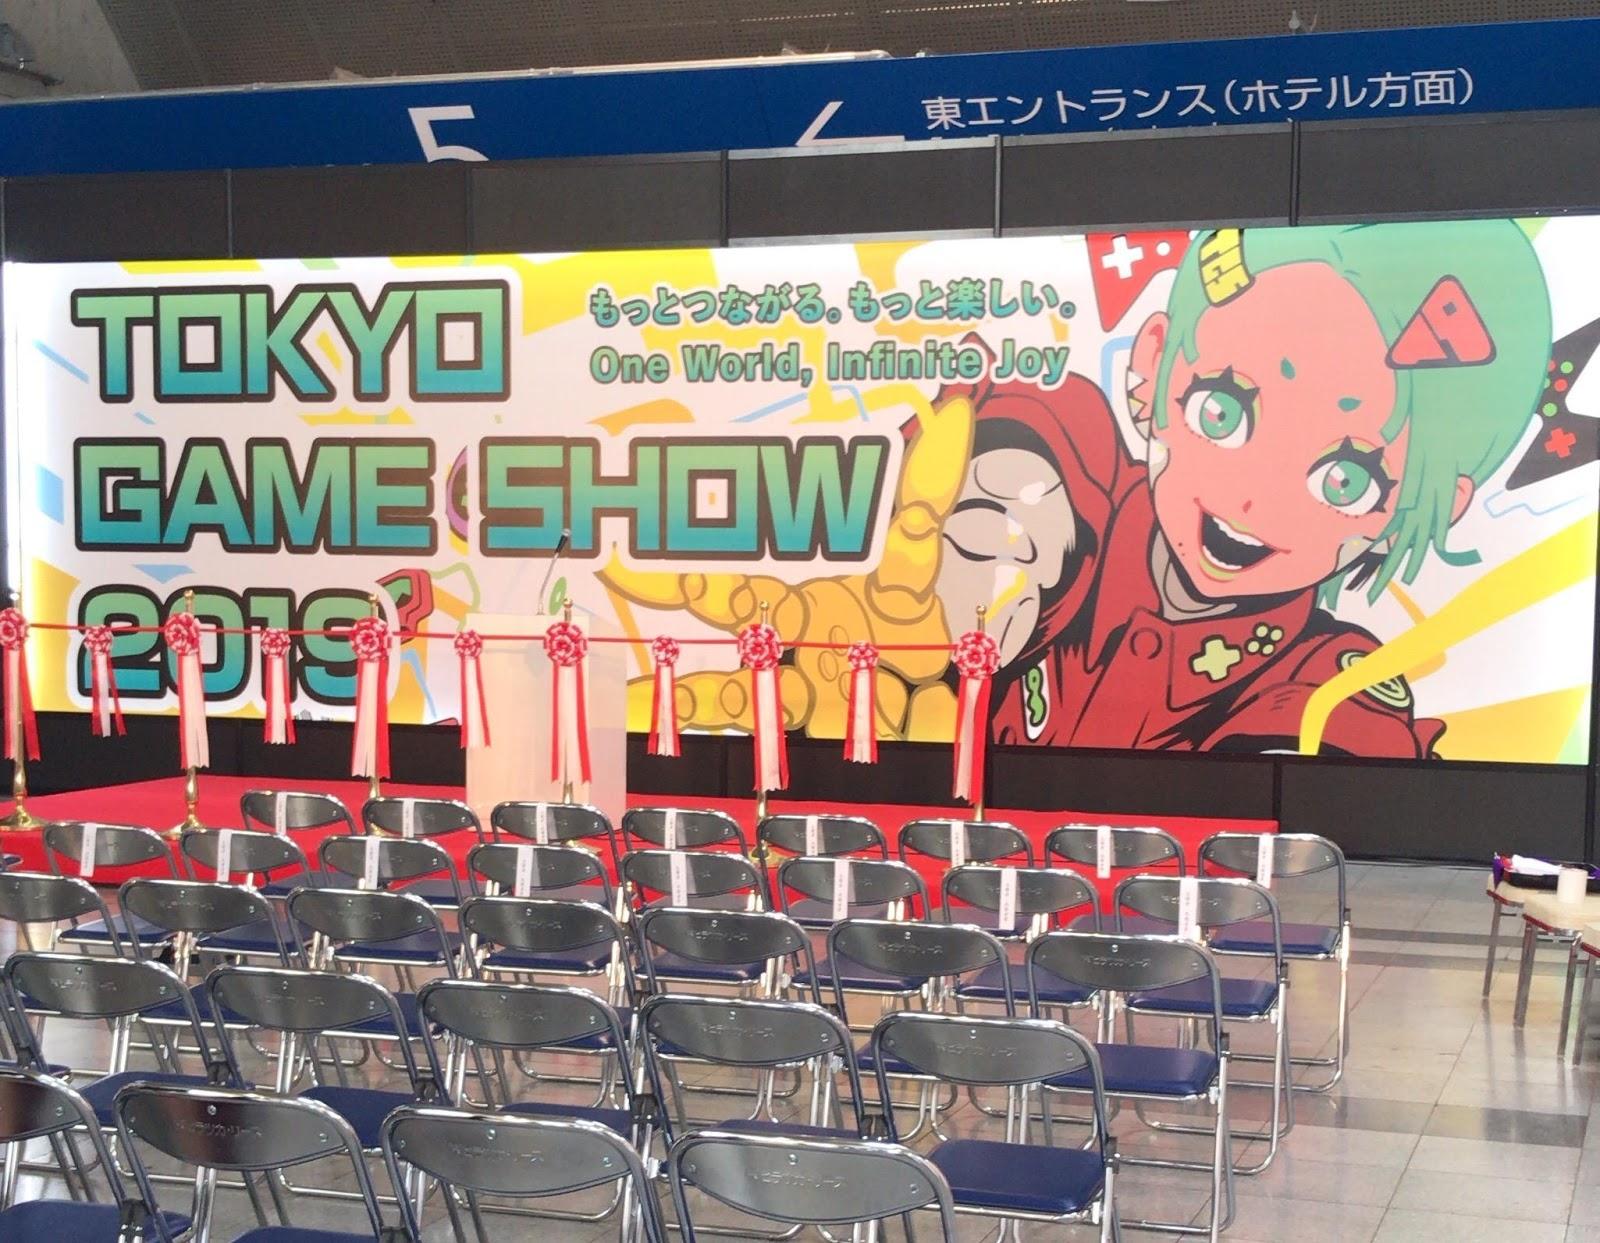 鷹鳥屋明 中東で一番有名な日本人 第22回 日本のゲーム産業を誘致できるか?飛び交う中東各国の思惑